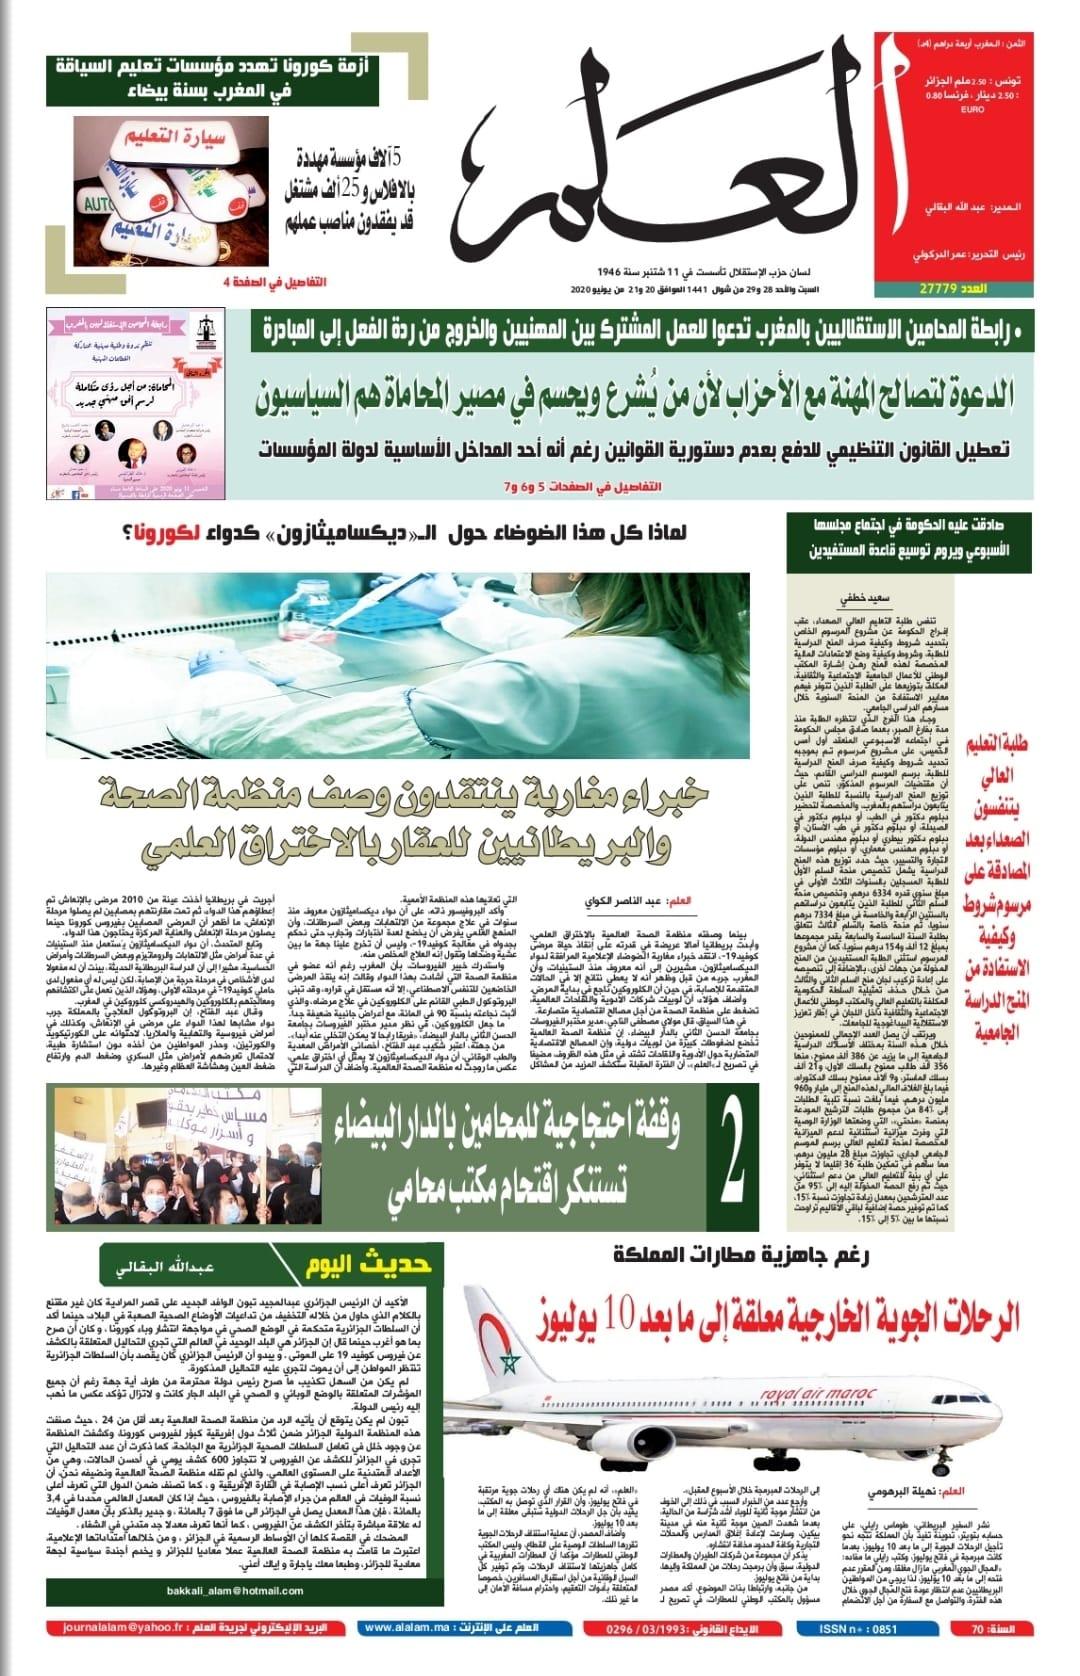 جريدة العلم عدد يومي 20 و21 يونيو 2020 بين أيديكم